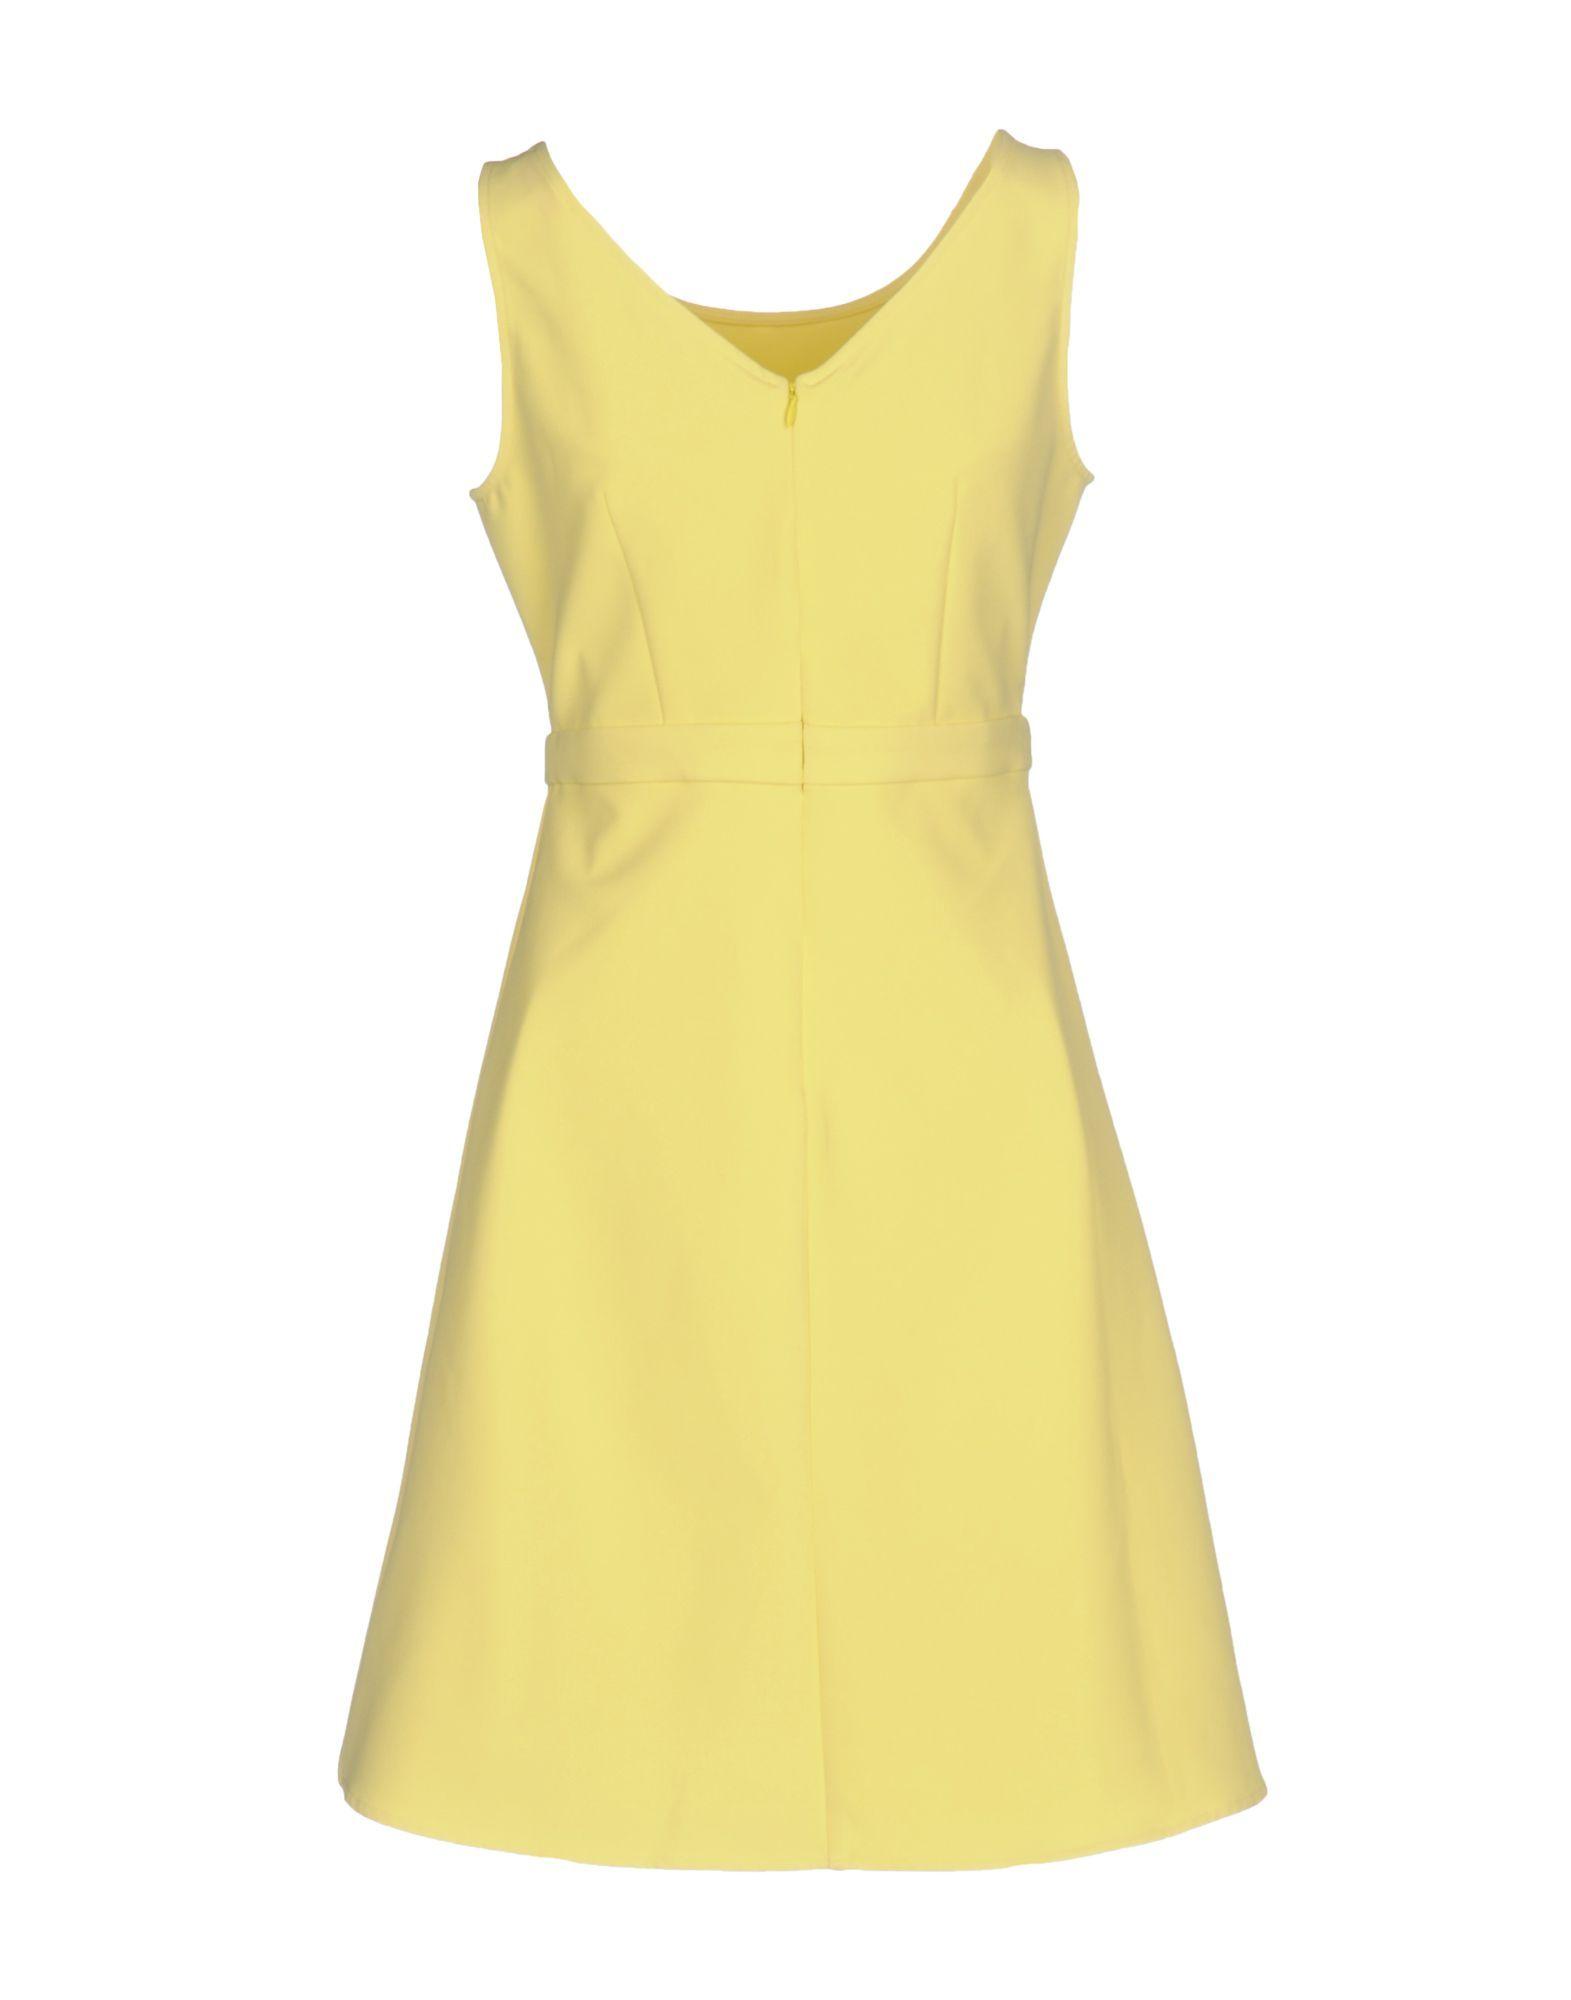 Blugirl Blumarine Yellow Crepe Dress